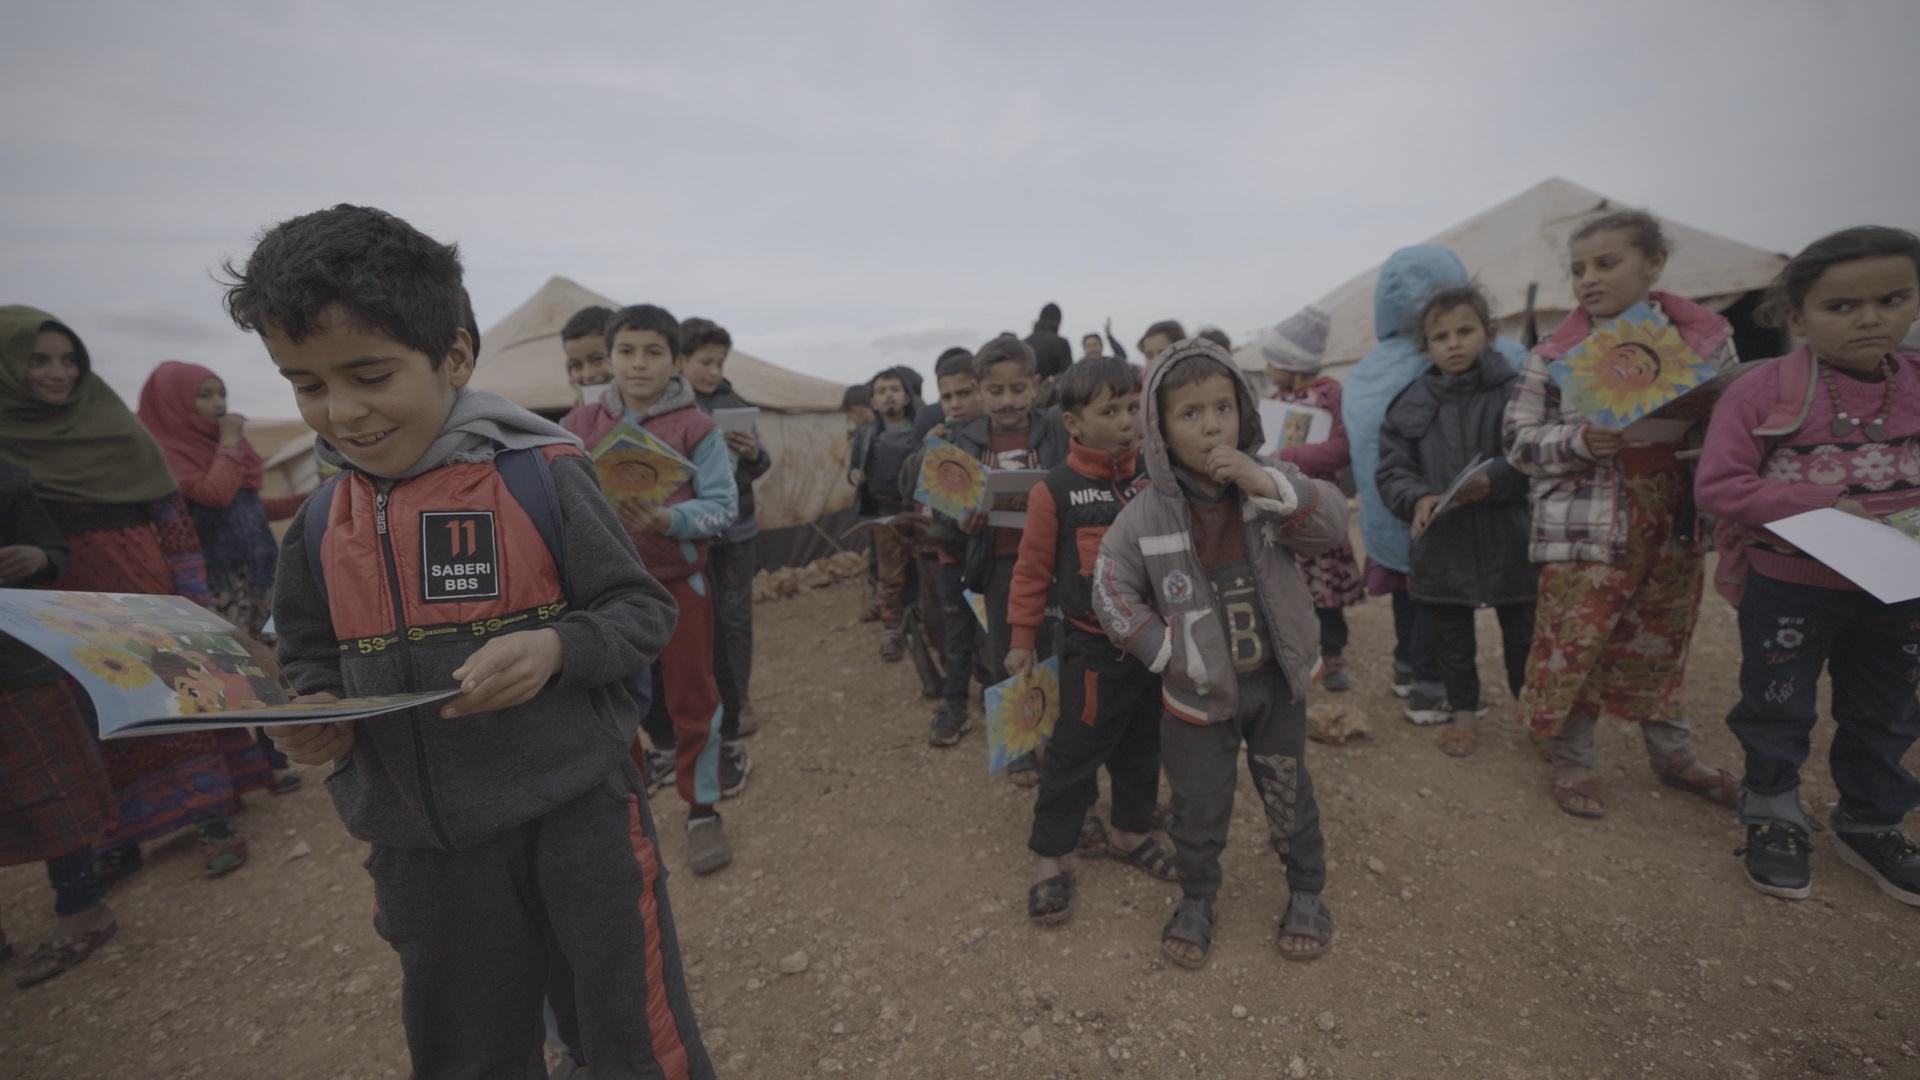 ◇絵本を読むシリアの子どもたち 動画紹介!